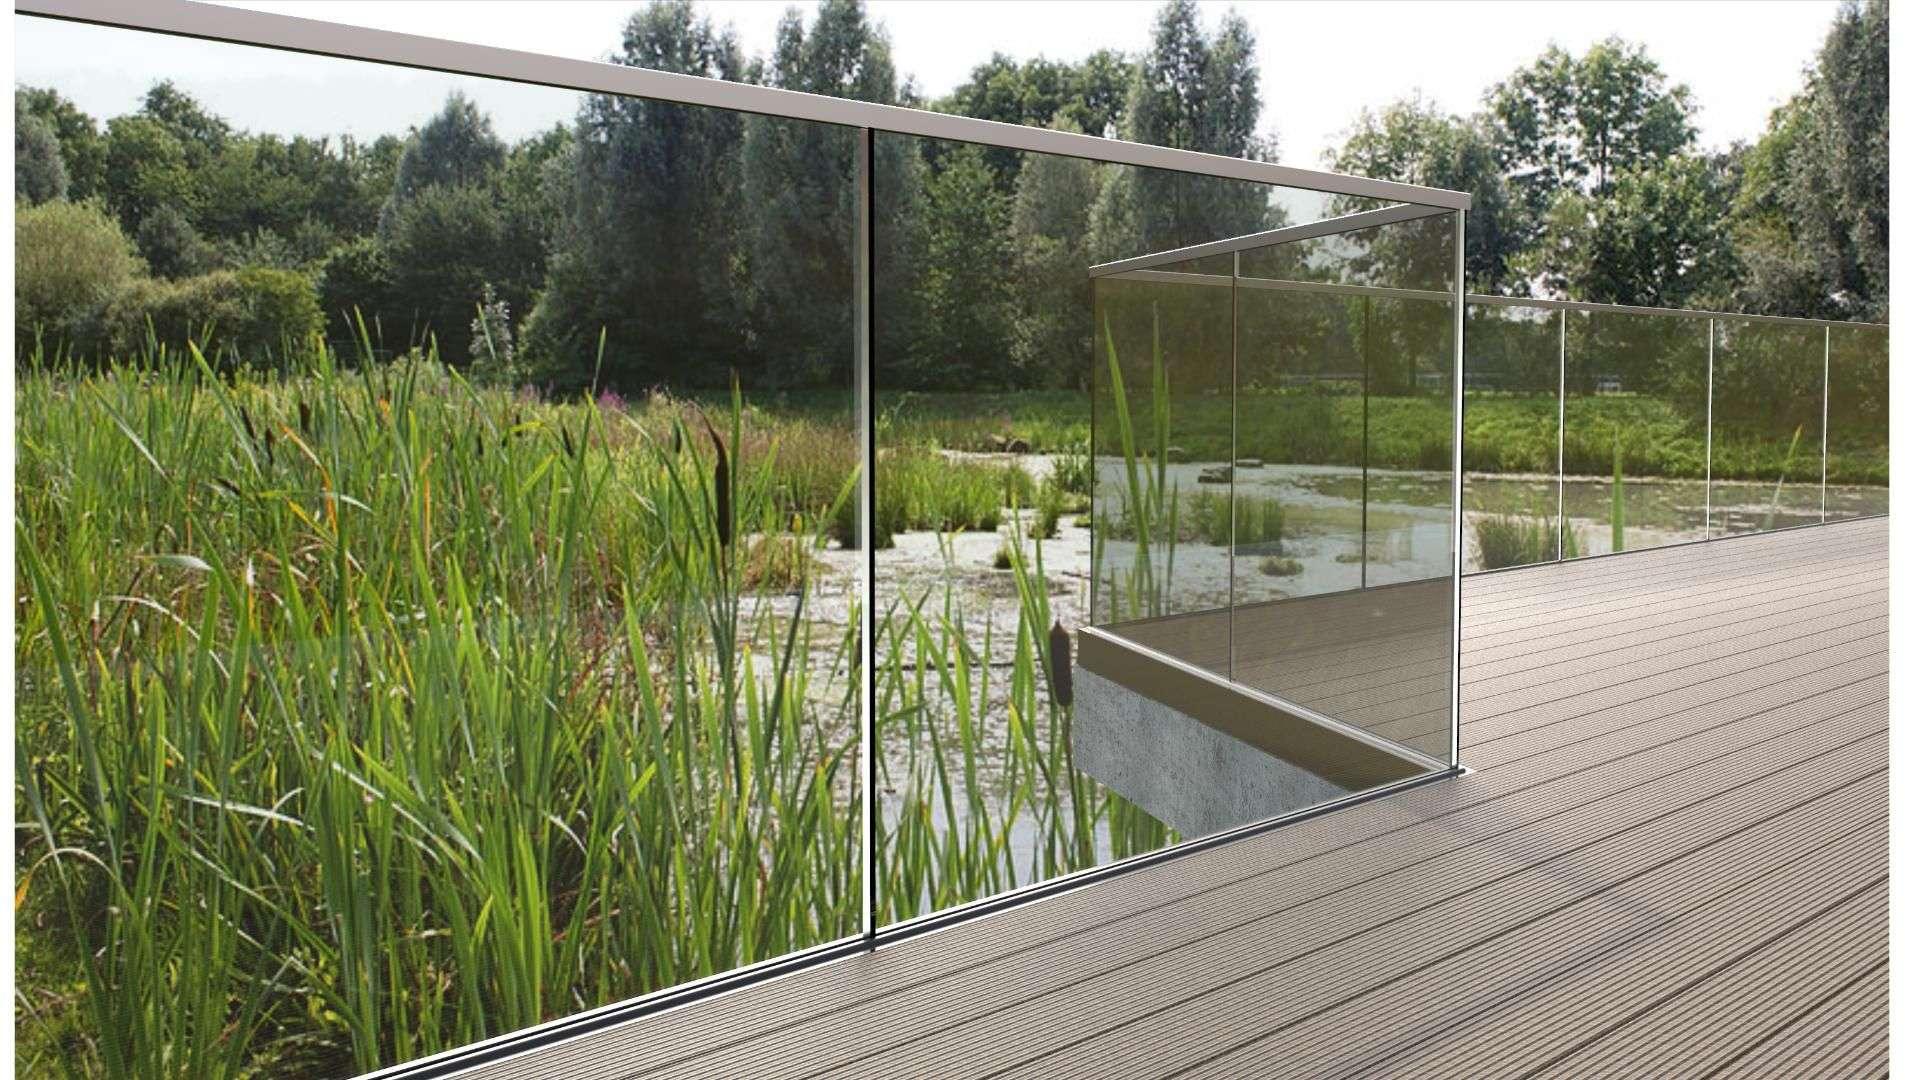 Terrasse mit einem Glas-Geländer